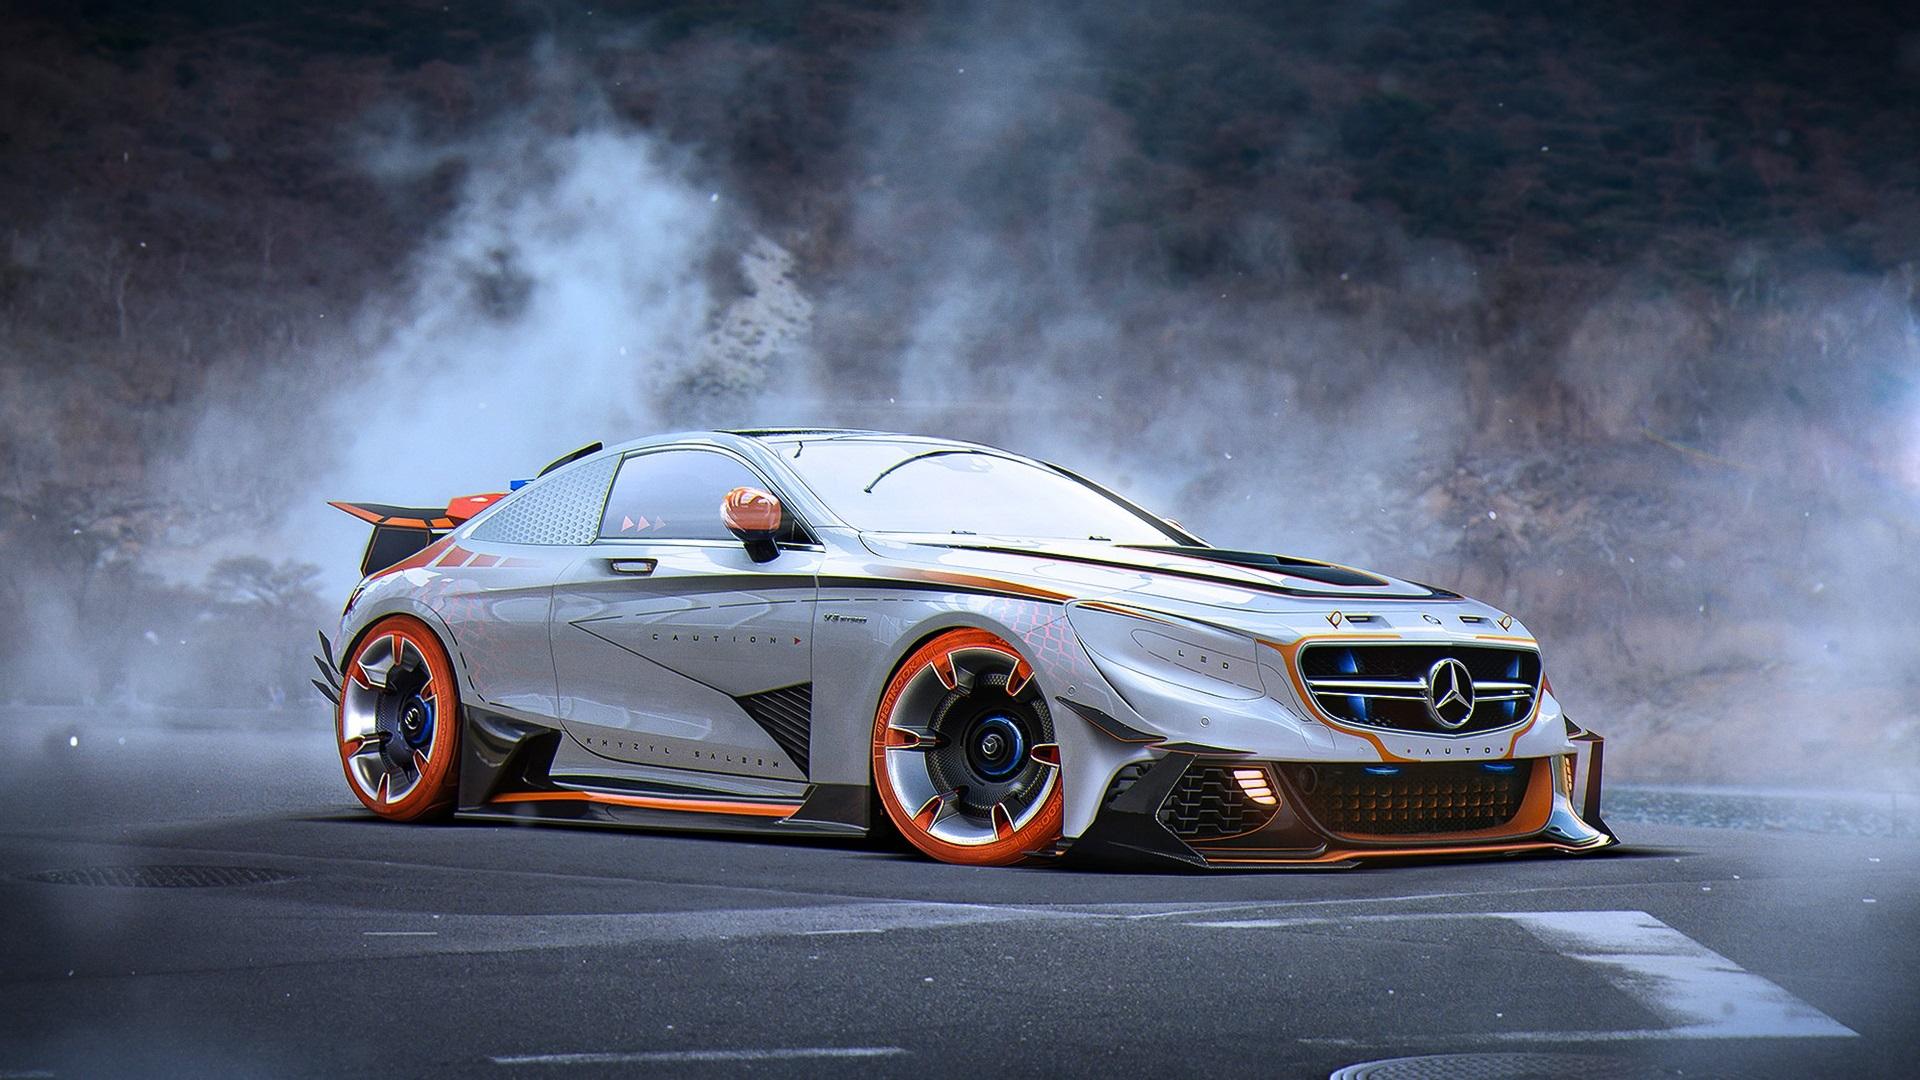 Fondos De Pantalla Mercedes Benz S63 Amg De Plata Del Coche